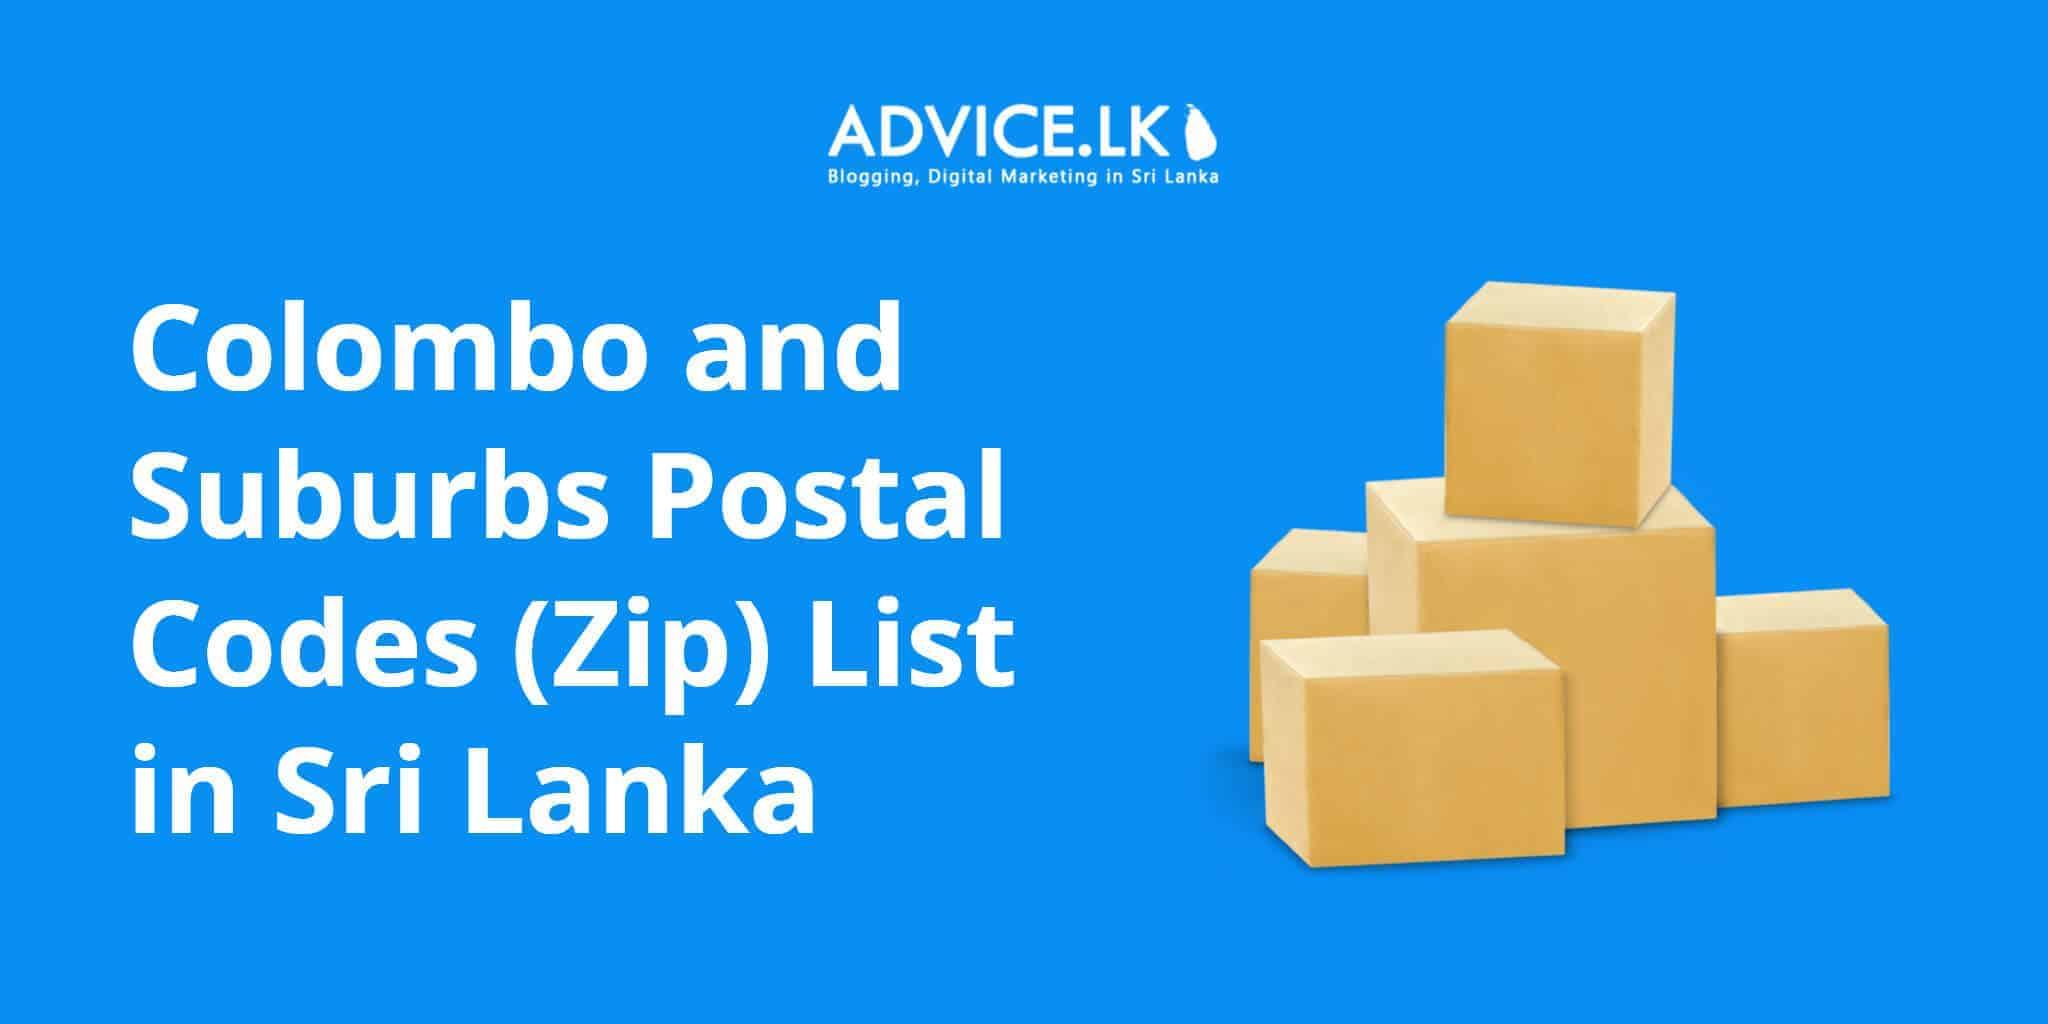 sri lanka postal codes